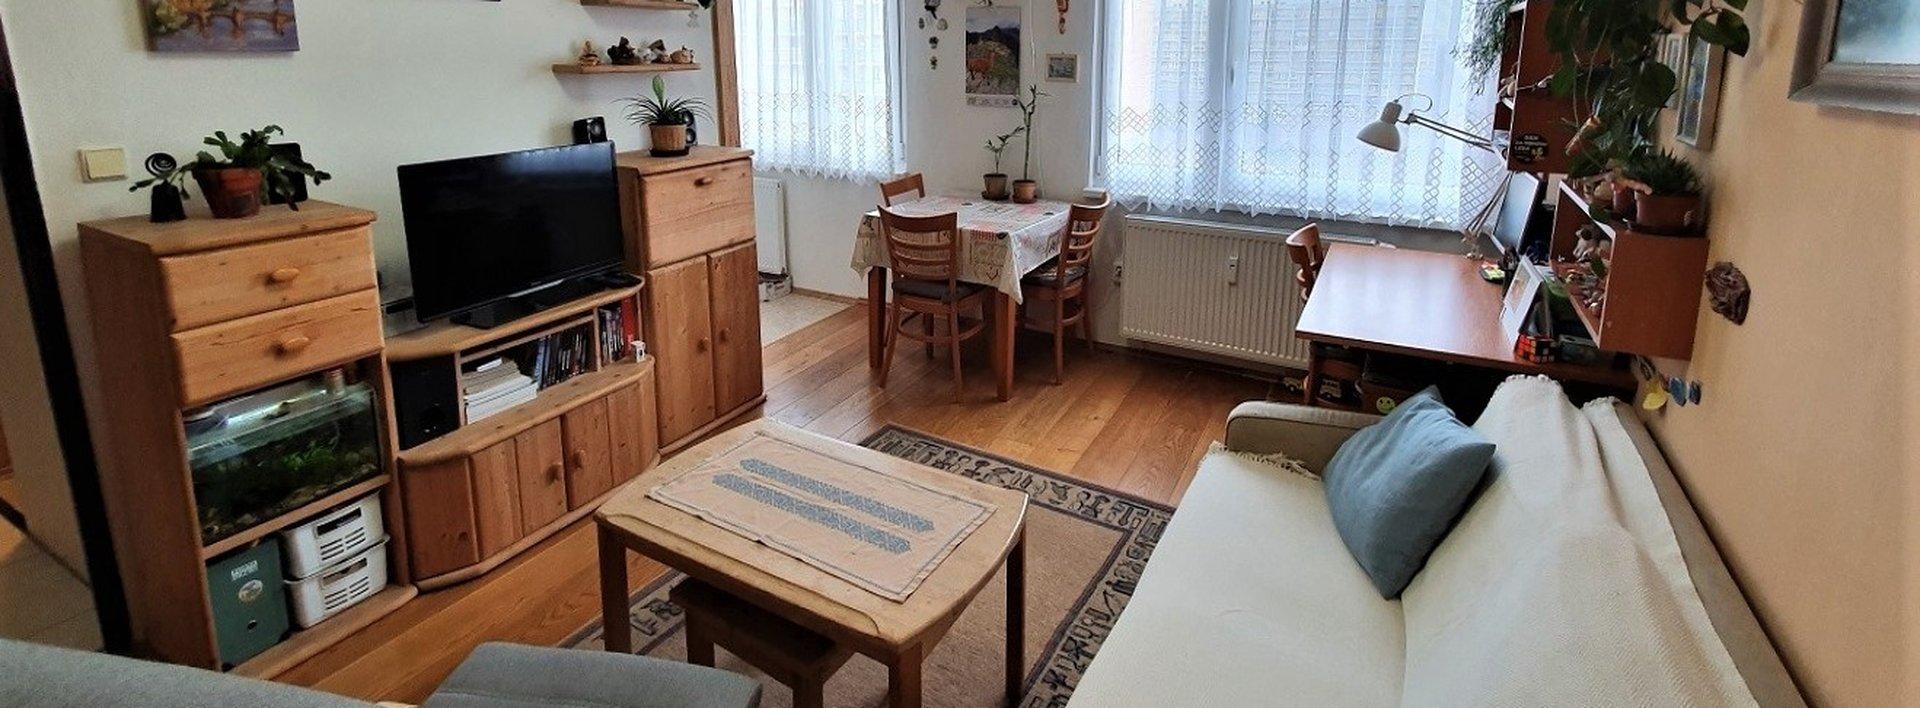 Zajímavý byt 2+kk se samostatnou lodžií (55,40 m²) - Pardubice - Polabiny, Ev.č.: N48939